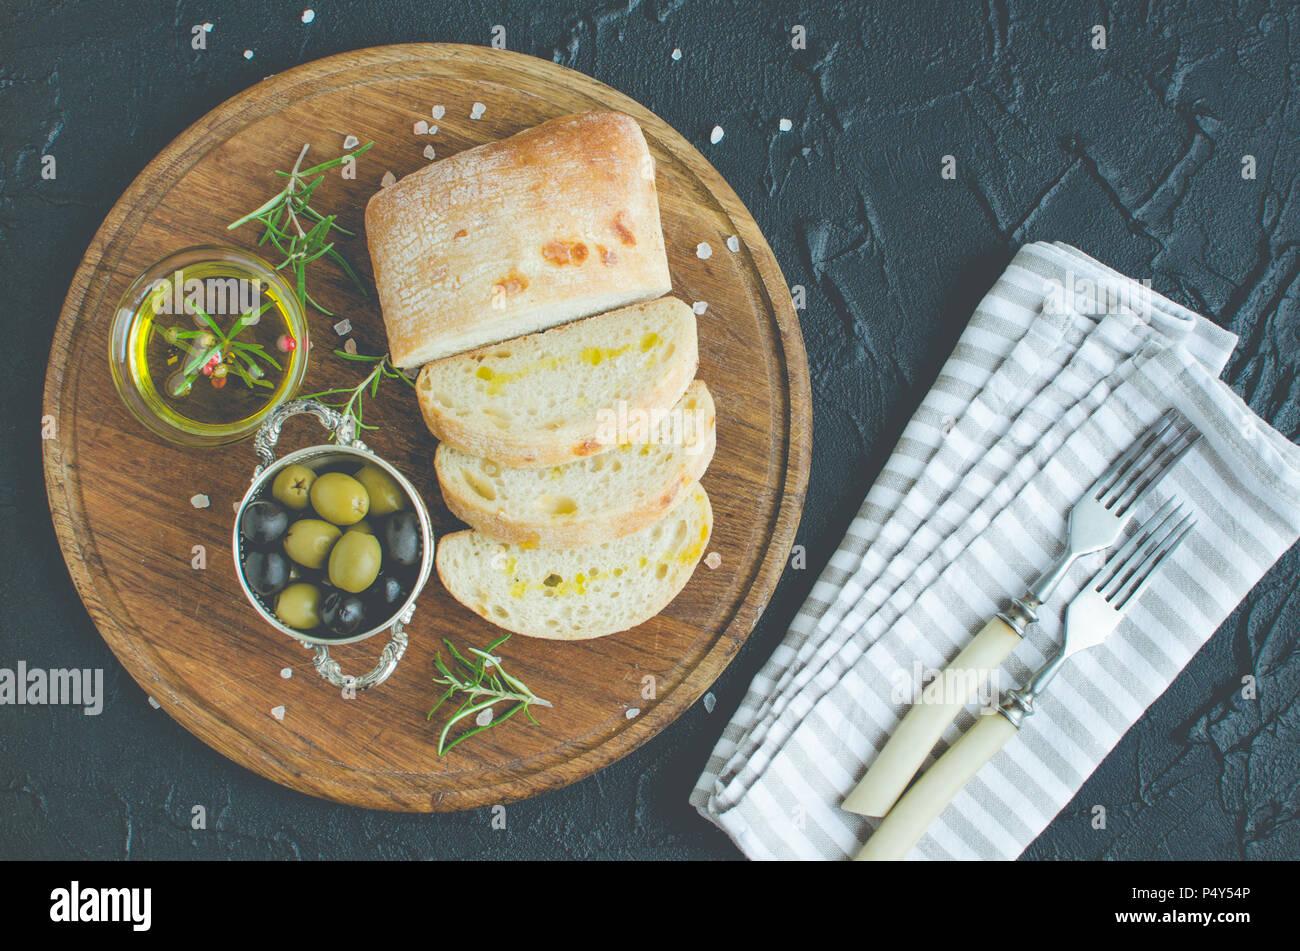 En-cas méditerranéens. Olives vertes et noires, d'huile d'olive, d'herbes et de tranches de pain ciabatta sur planche de bois sombre sur fond de pierre. La cuisine Italienne Photo Stock